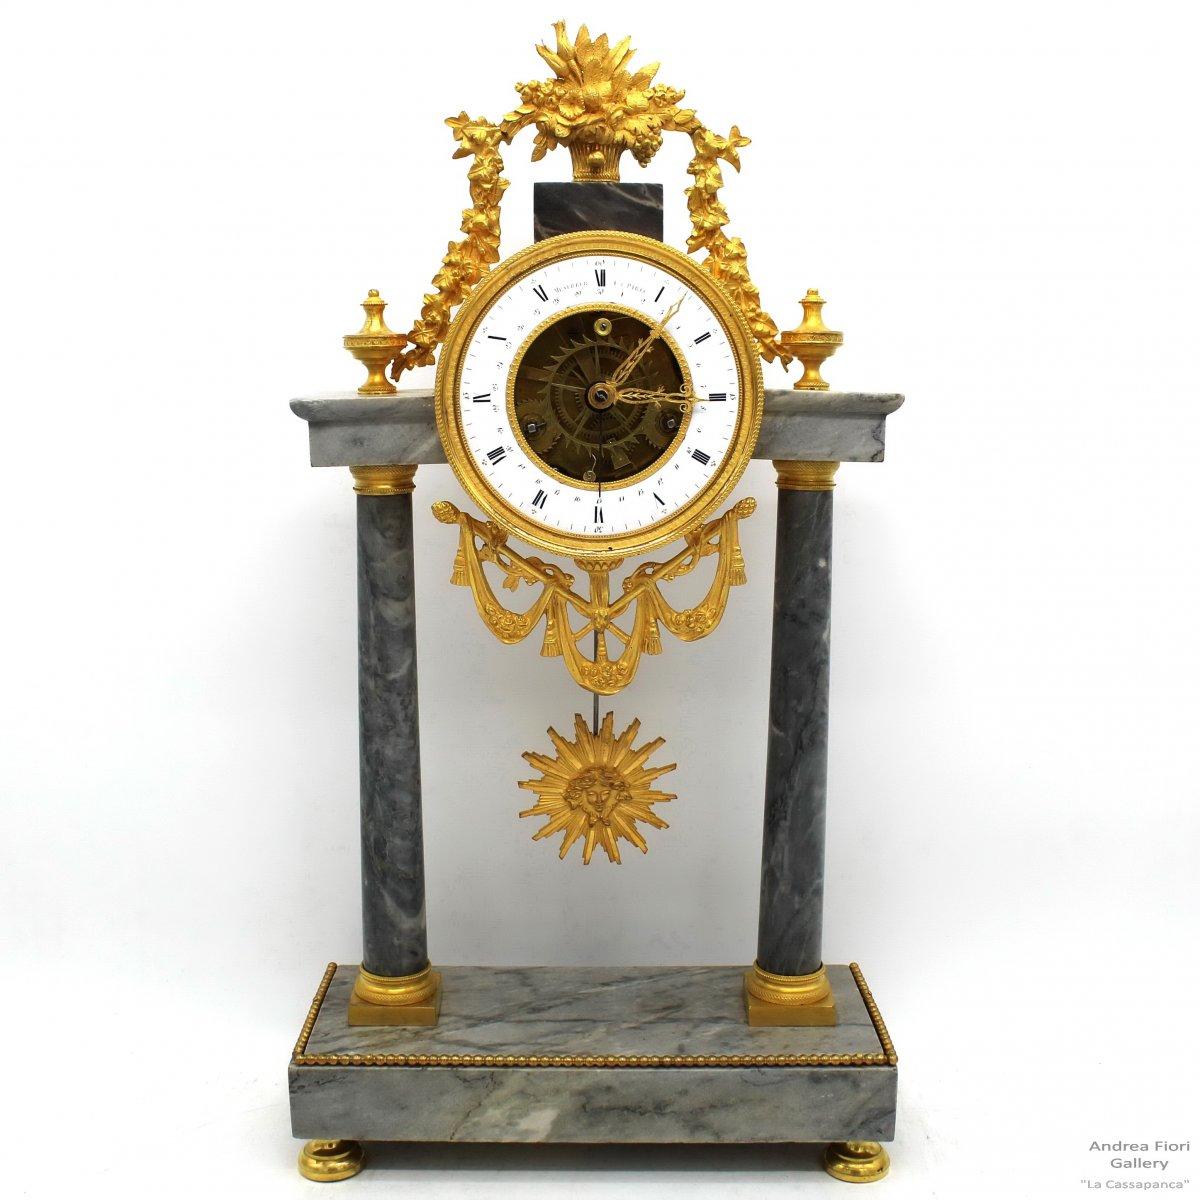 Antique Pendulum Mantel Clock Ormolu In Bronze And Marble - Republican Hour 1793 Ca.